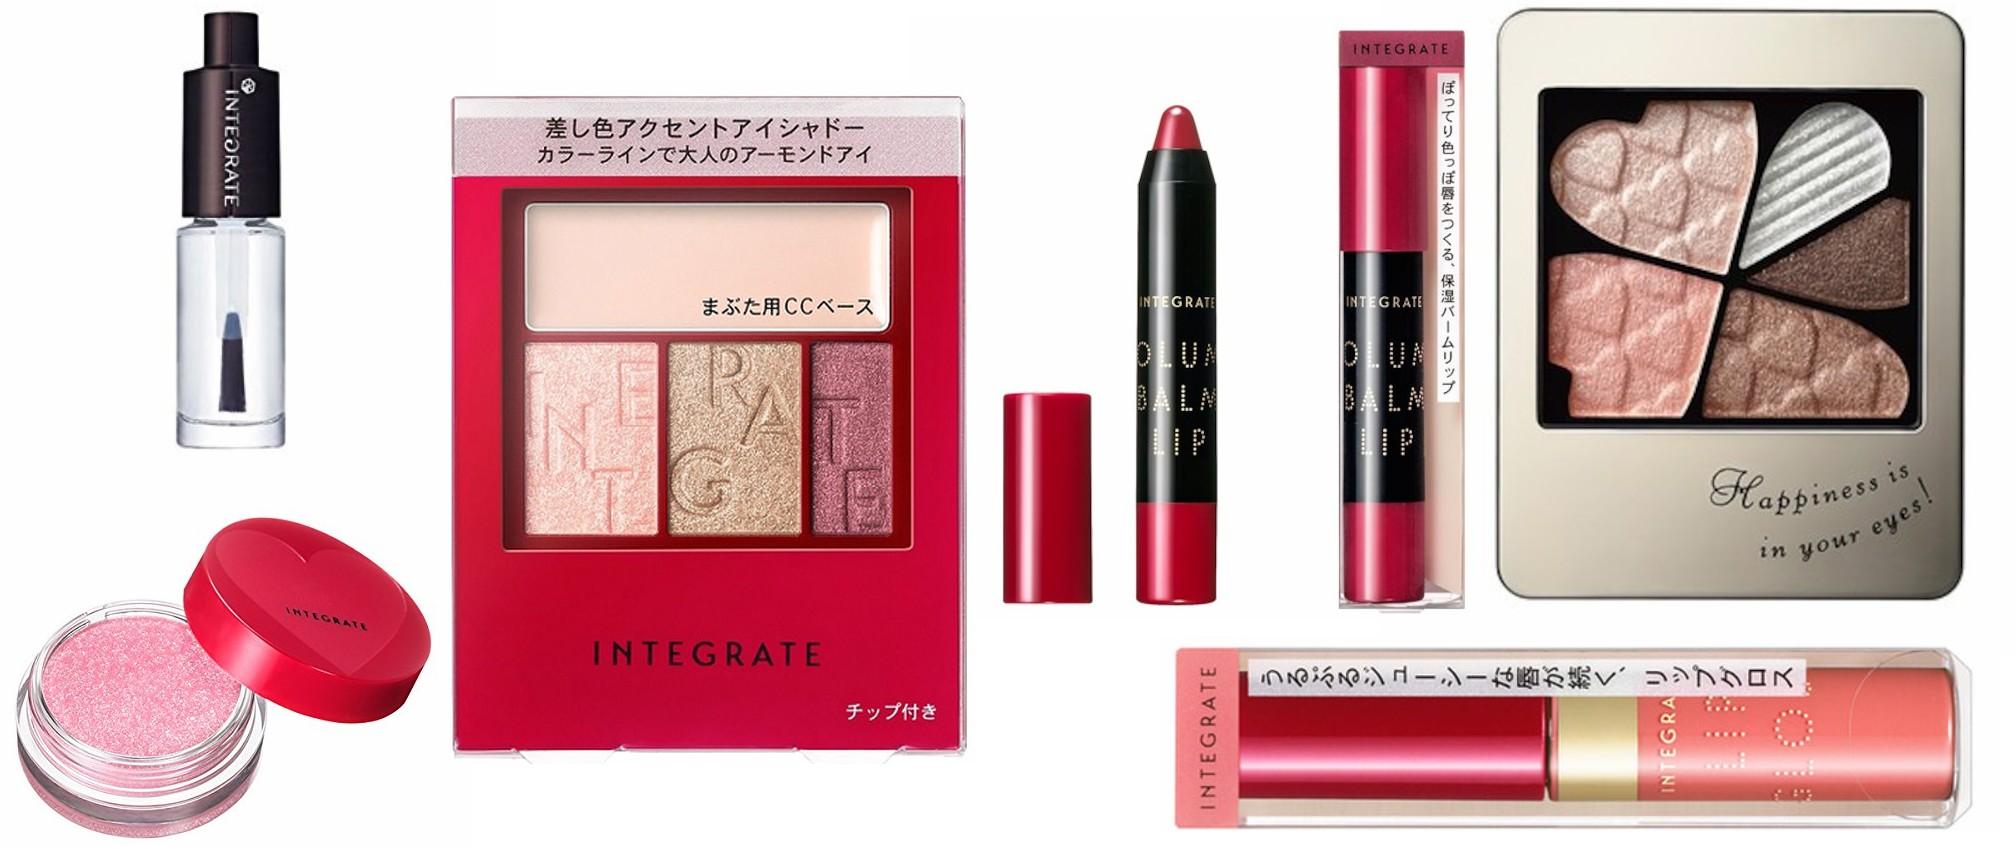 Integrate Makeup